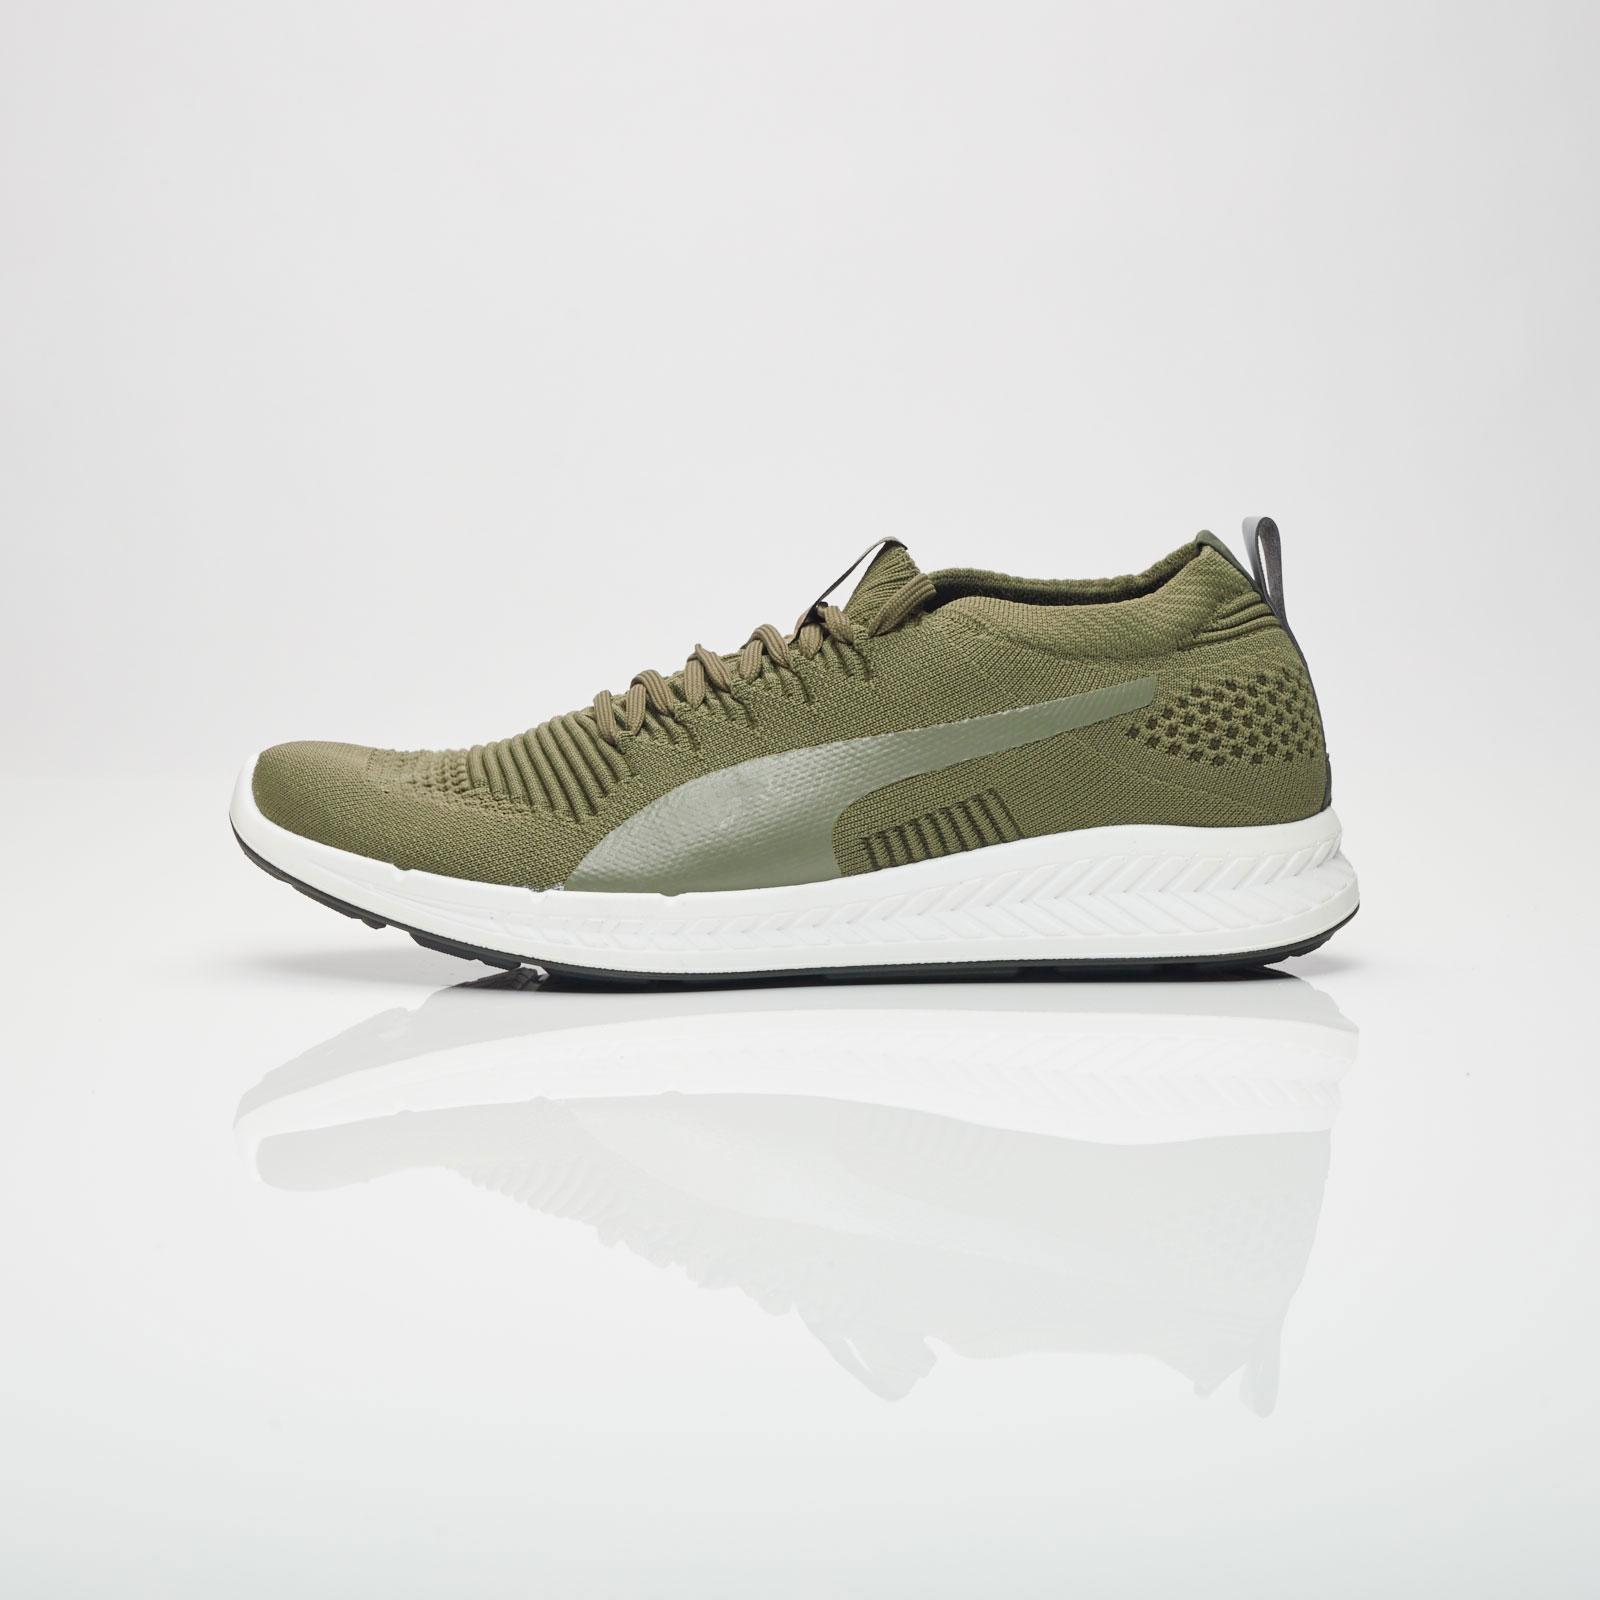 94227d770e3b Puma Ignite Evoknit 3D - 189909-07 - Sneakersnstuff